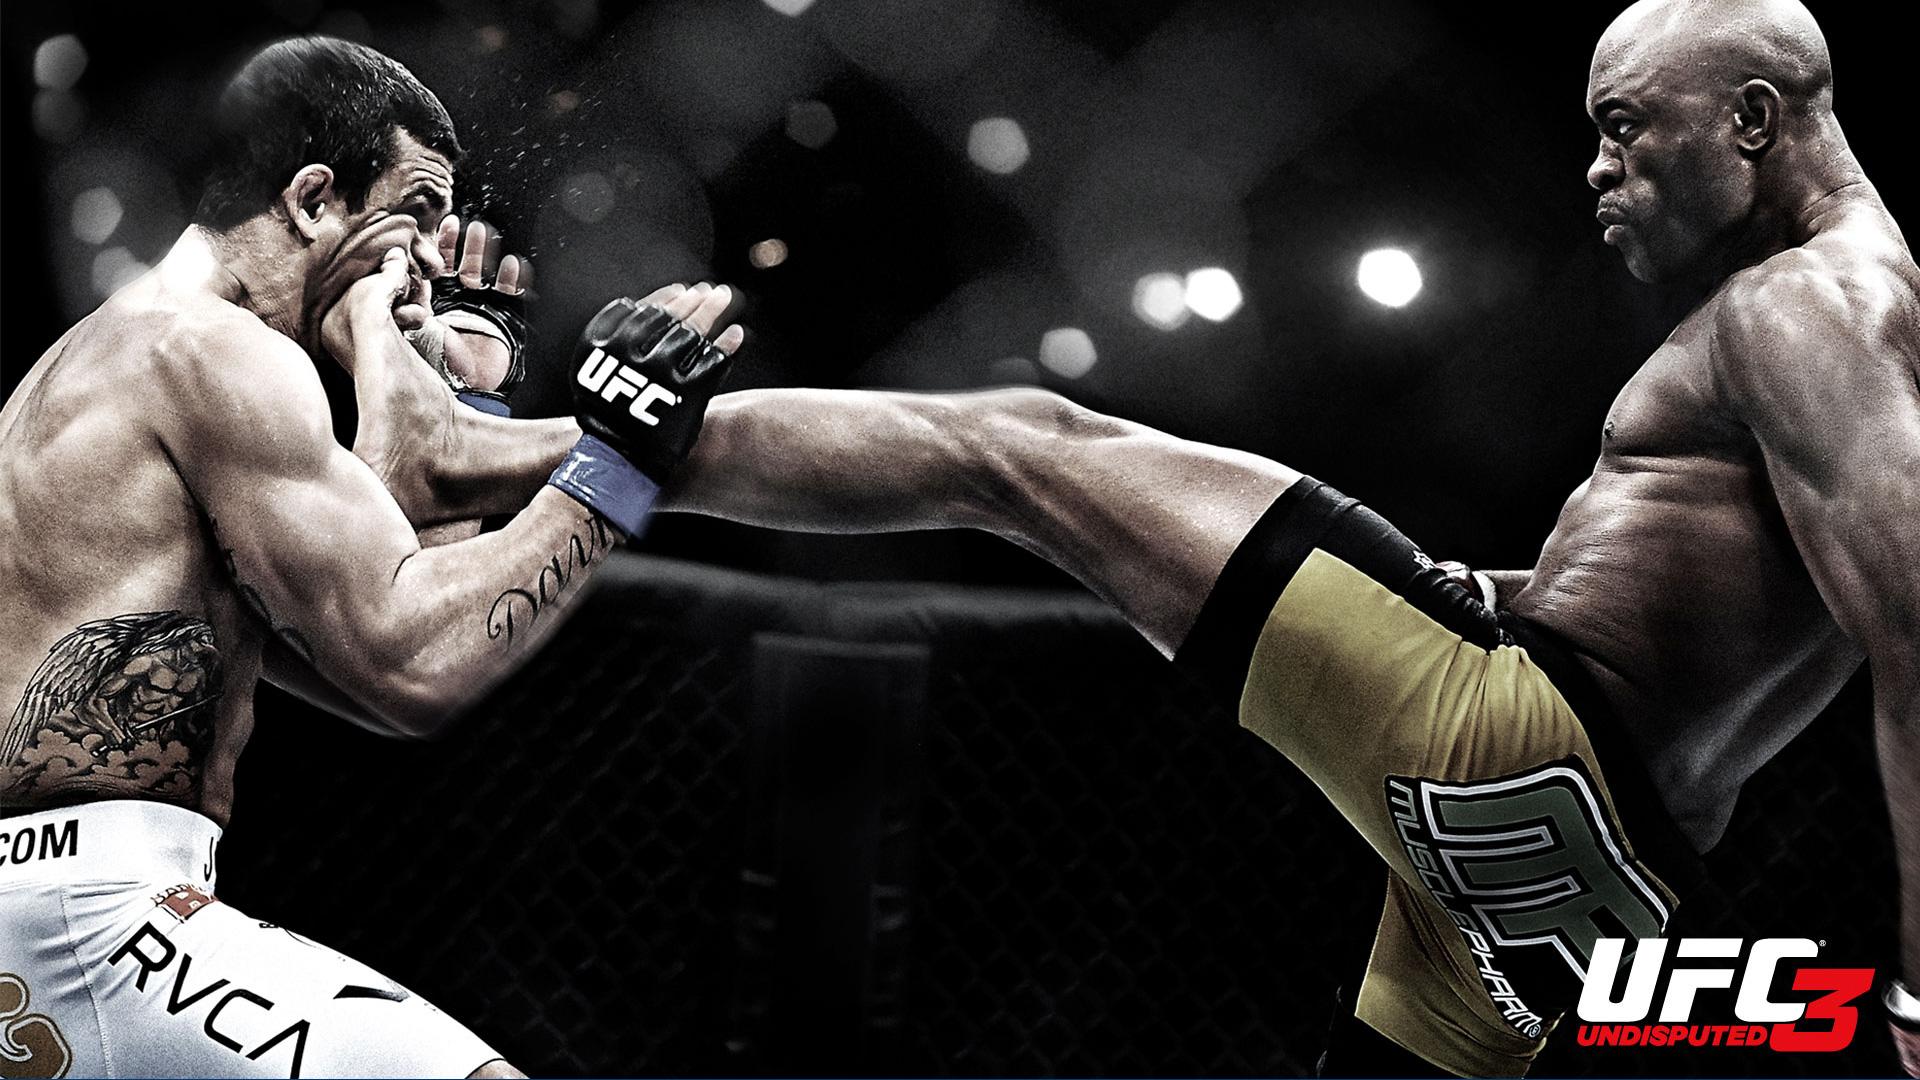 UFC Undisputed 3 Wallpaper in 1920x1080